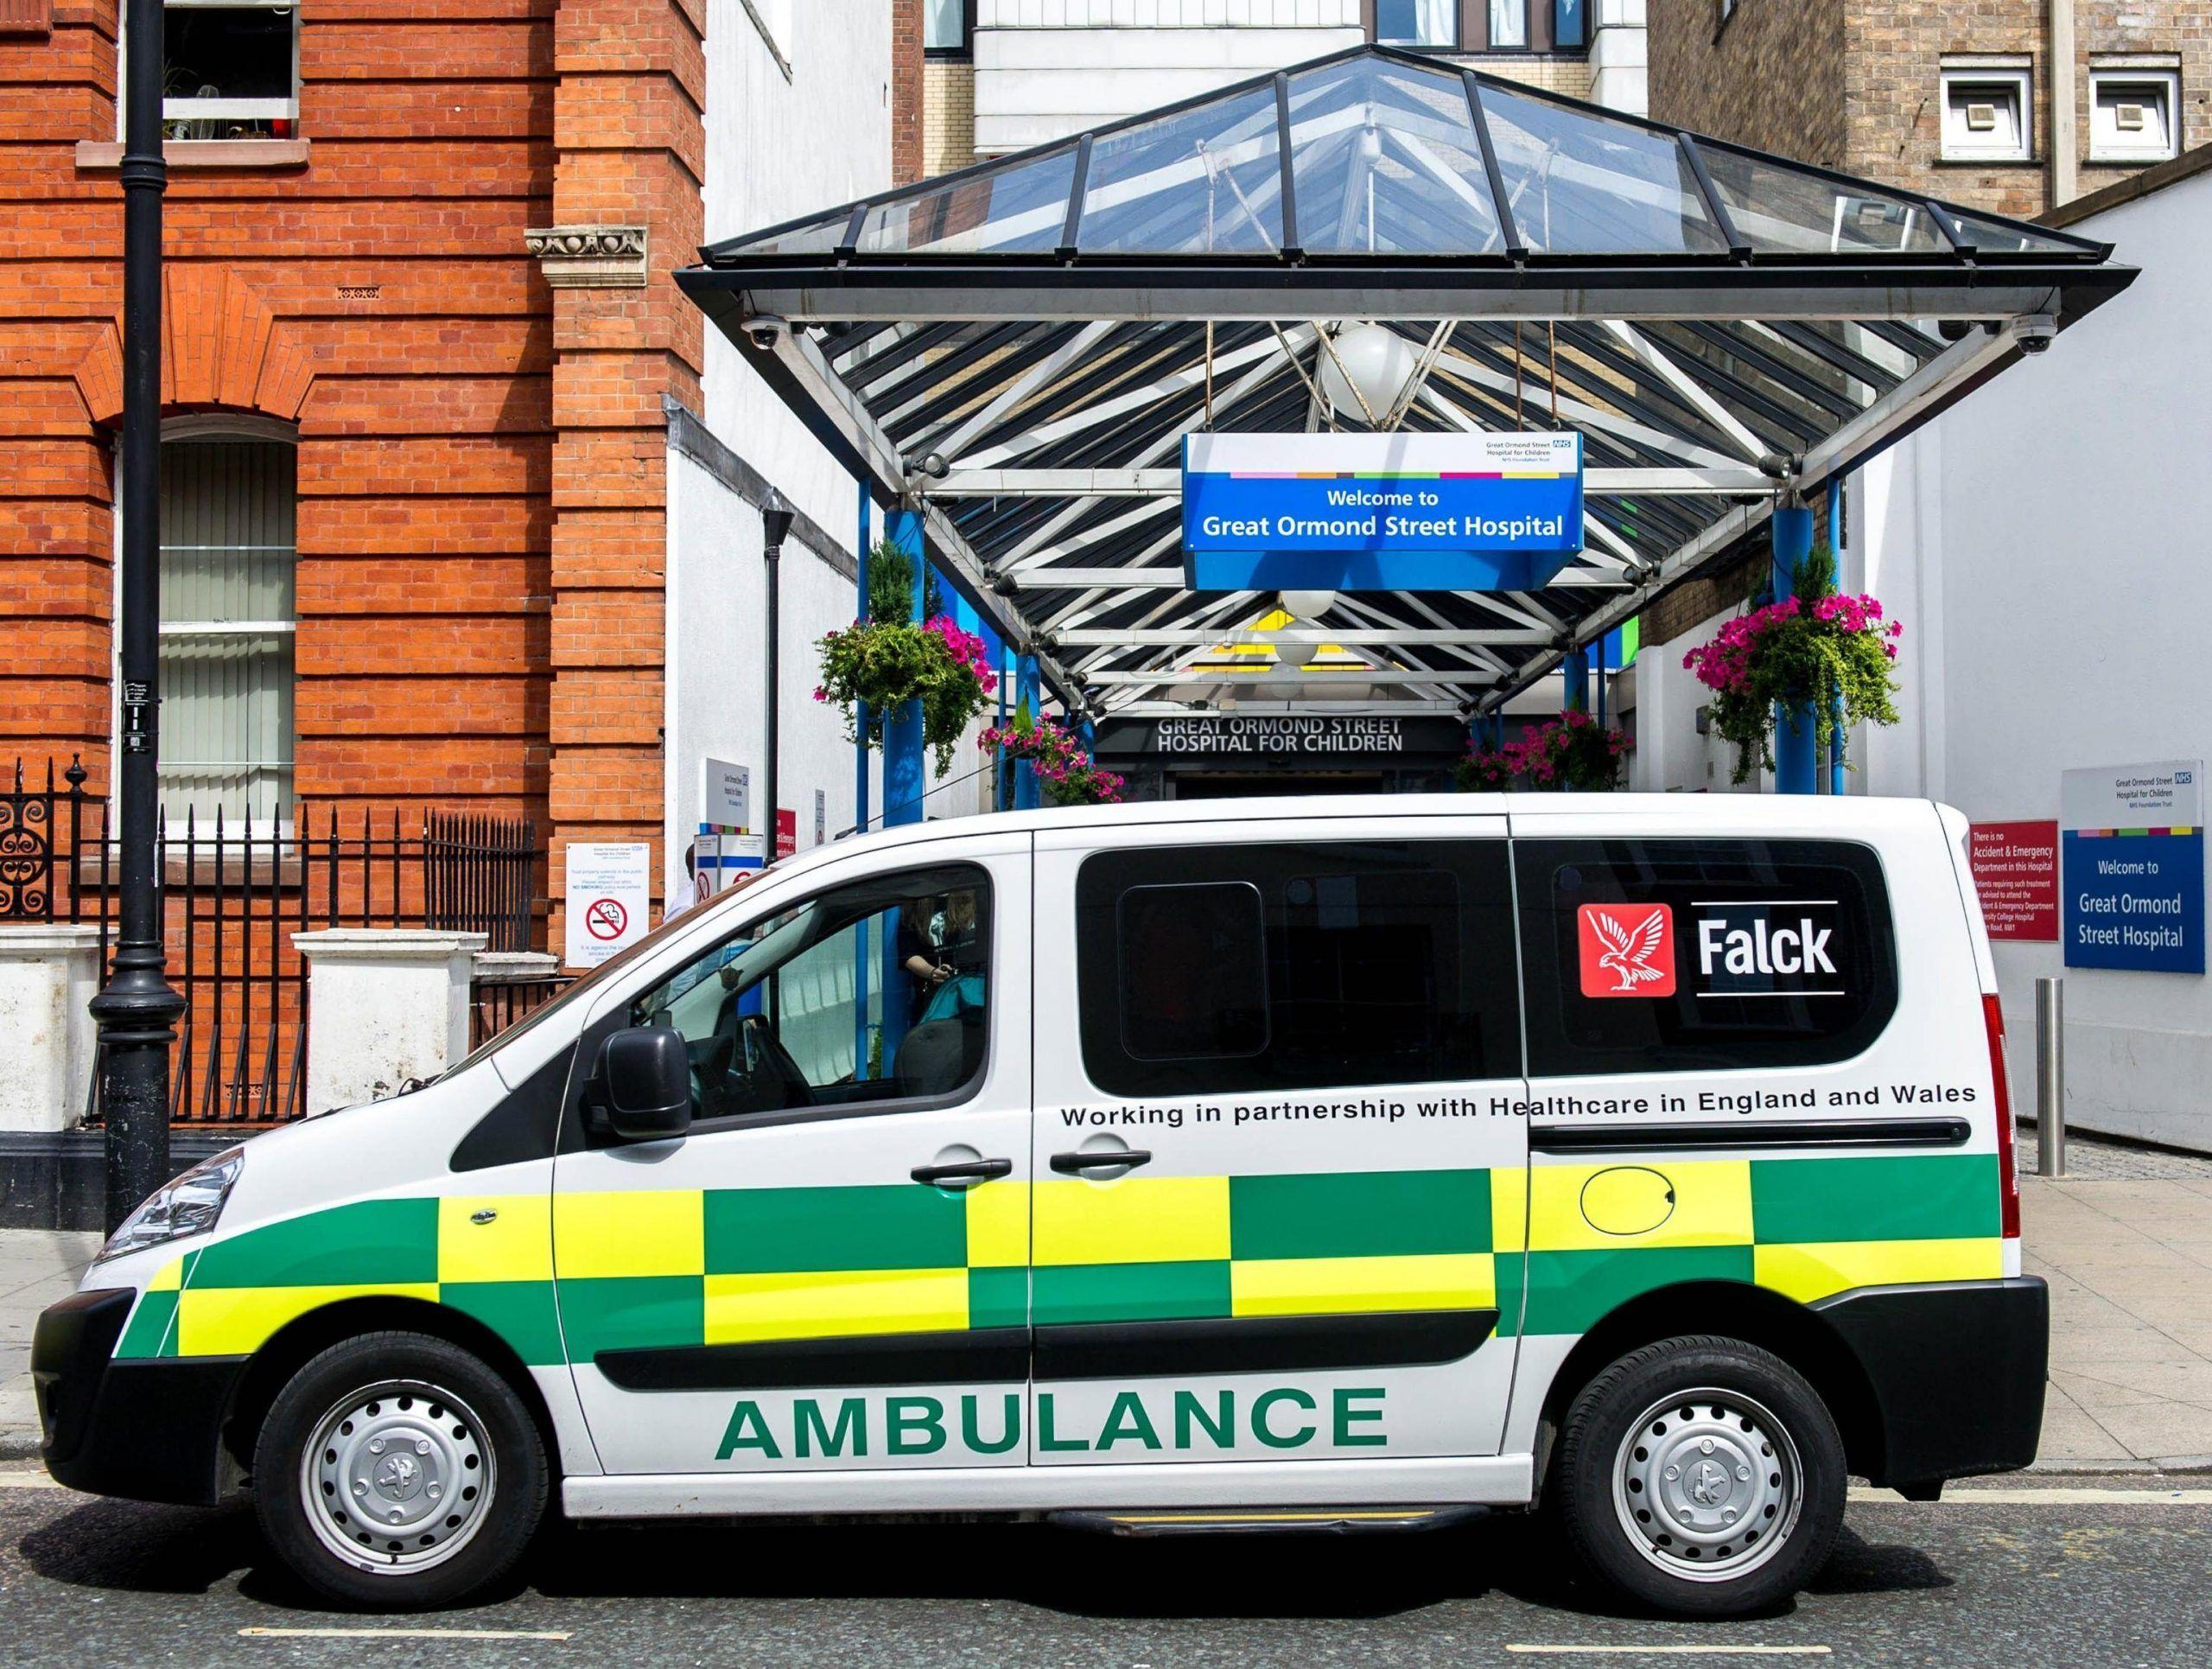 L'incredibile messaggio lasciato sull'ambulanza durante i soccorsi a un uomo vittima di infarto